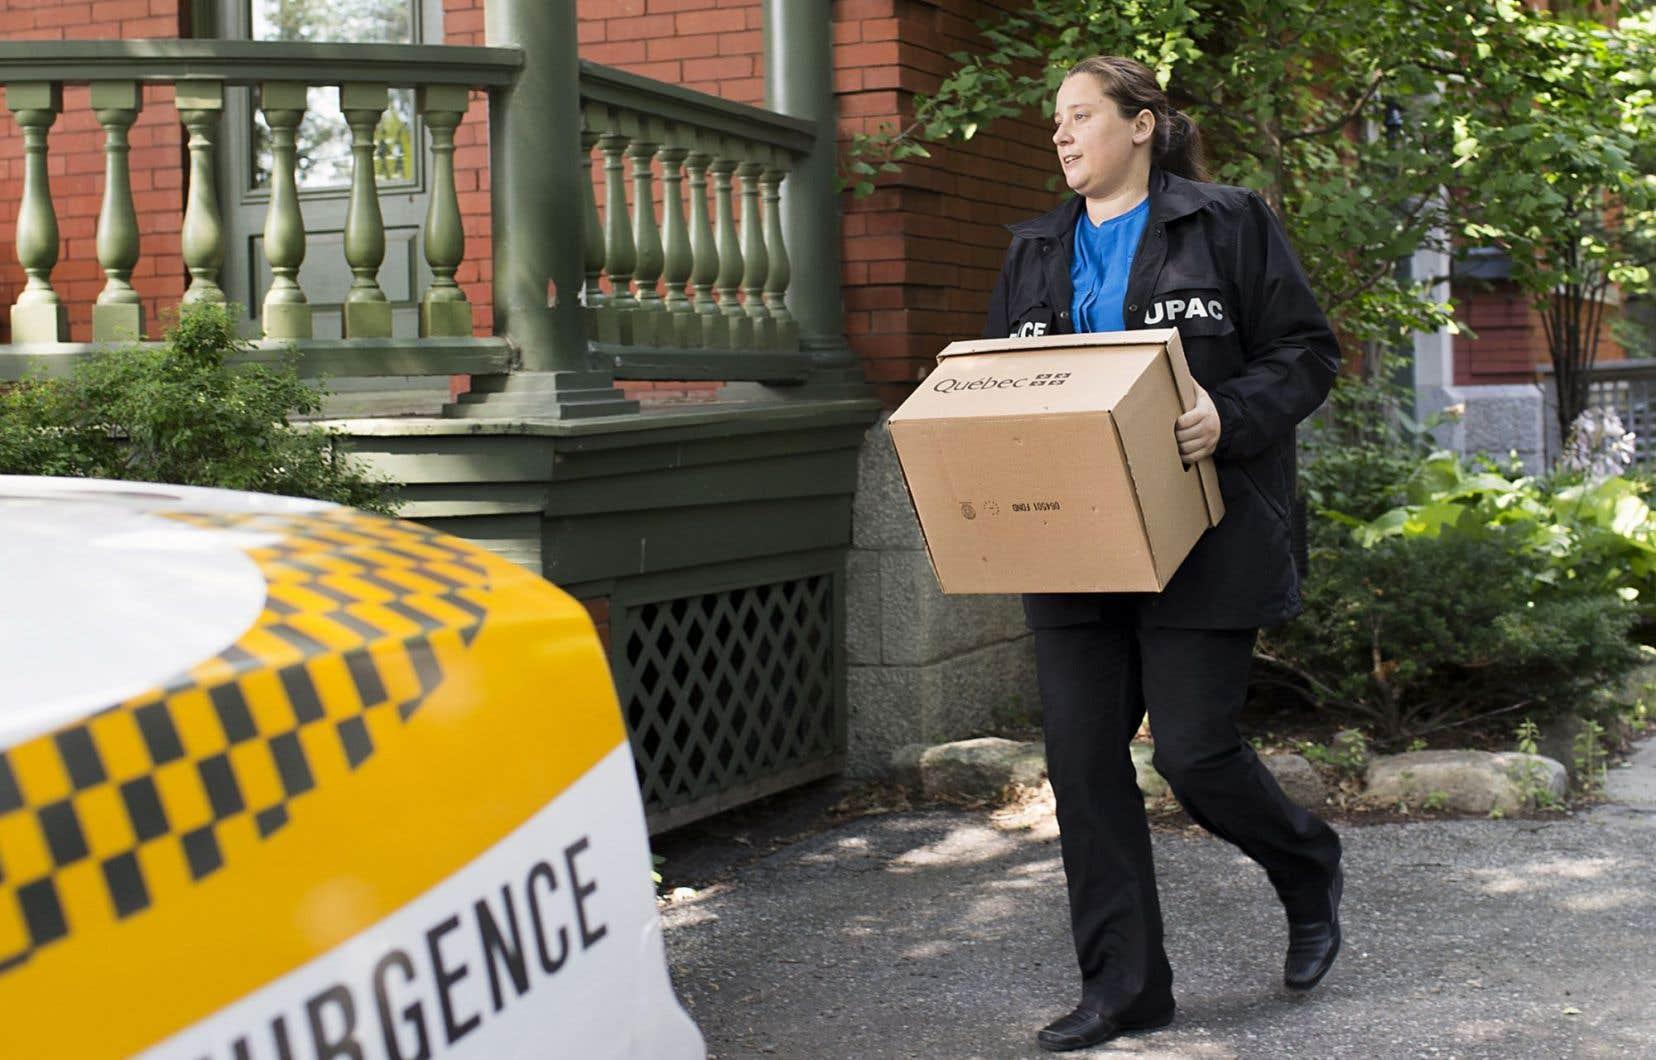 Les policiers sont demeurés de nombreuses heures chez l'ex-maire, emportant plusieurs boîtes de documents et des valises contenant des disques durs et des ordinateurs.